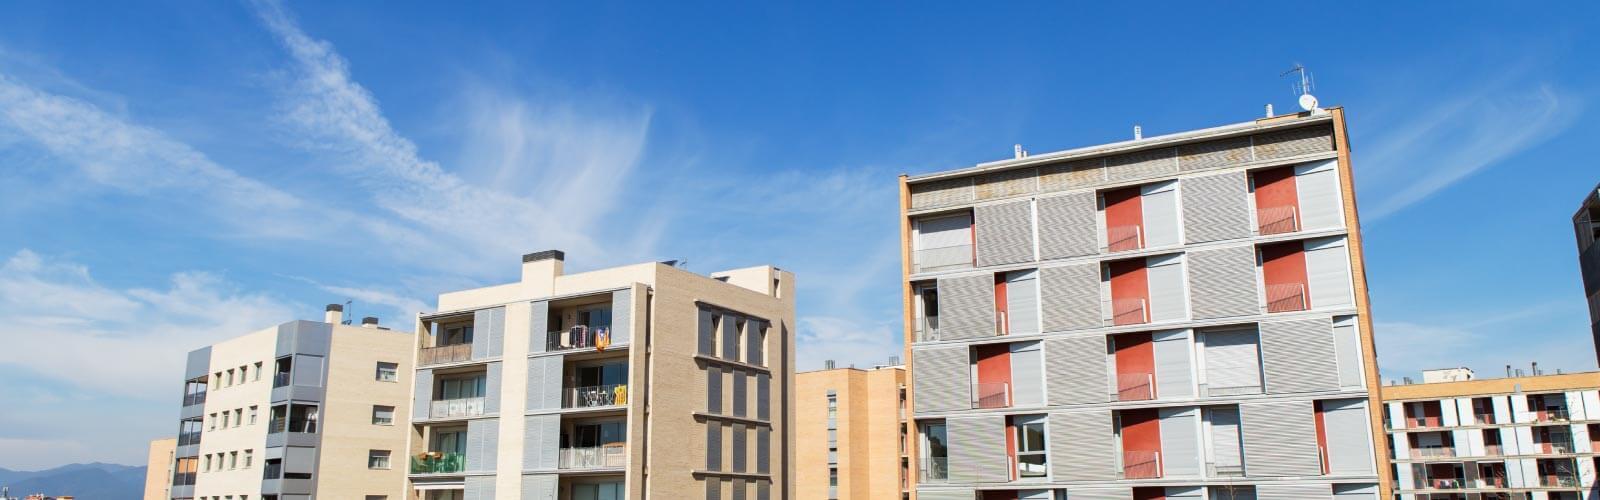 apartamentos-girona-elquimics